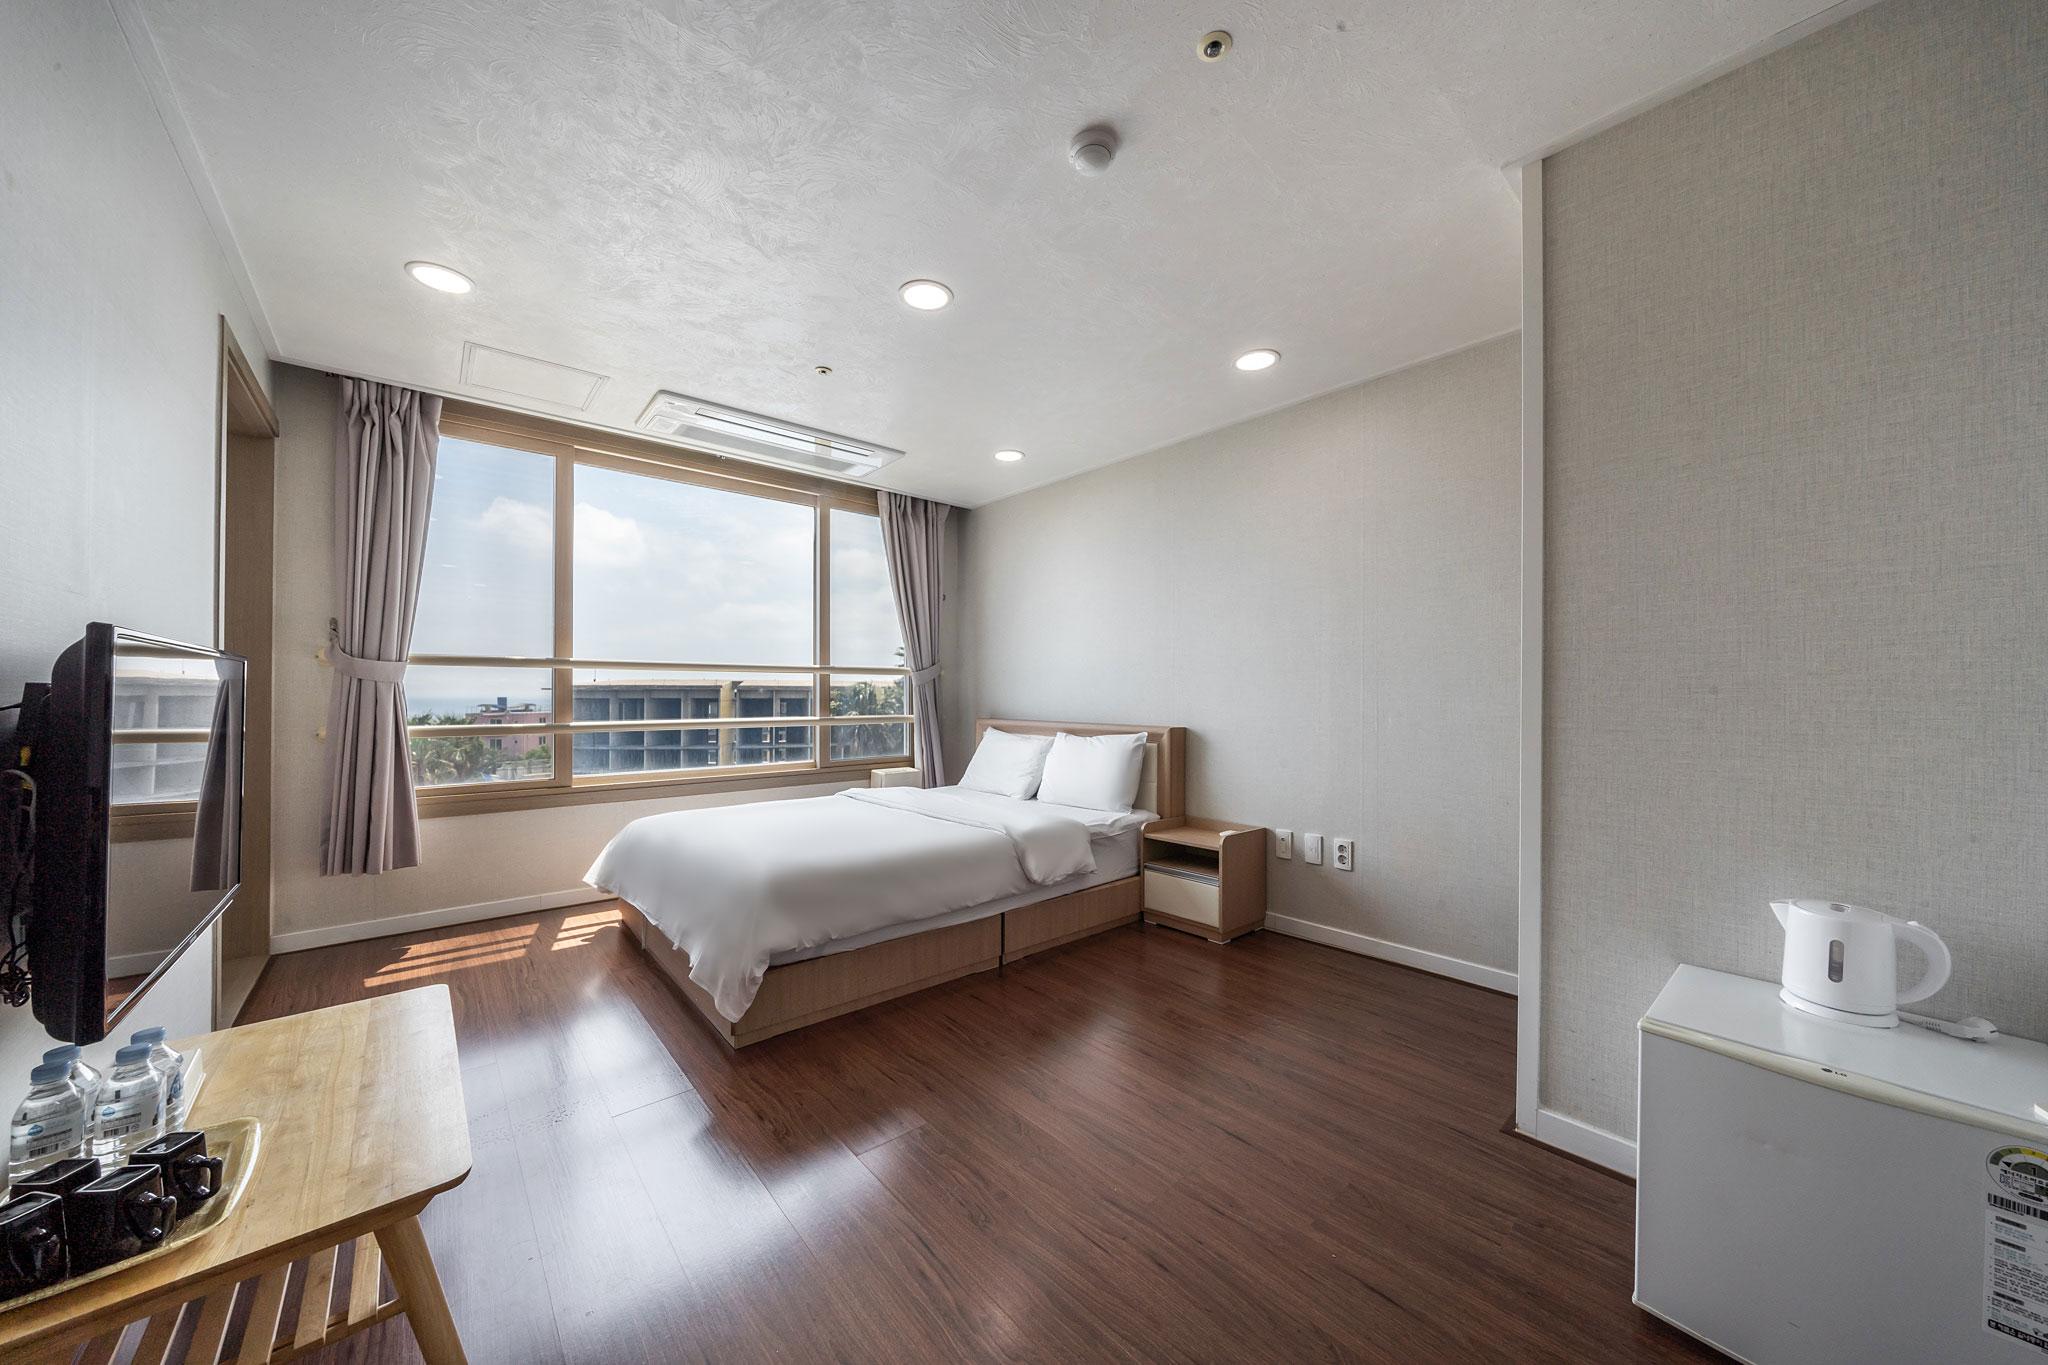 서귀포(중문) 중문 비치 호텔 이미지1